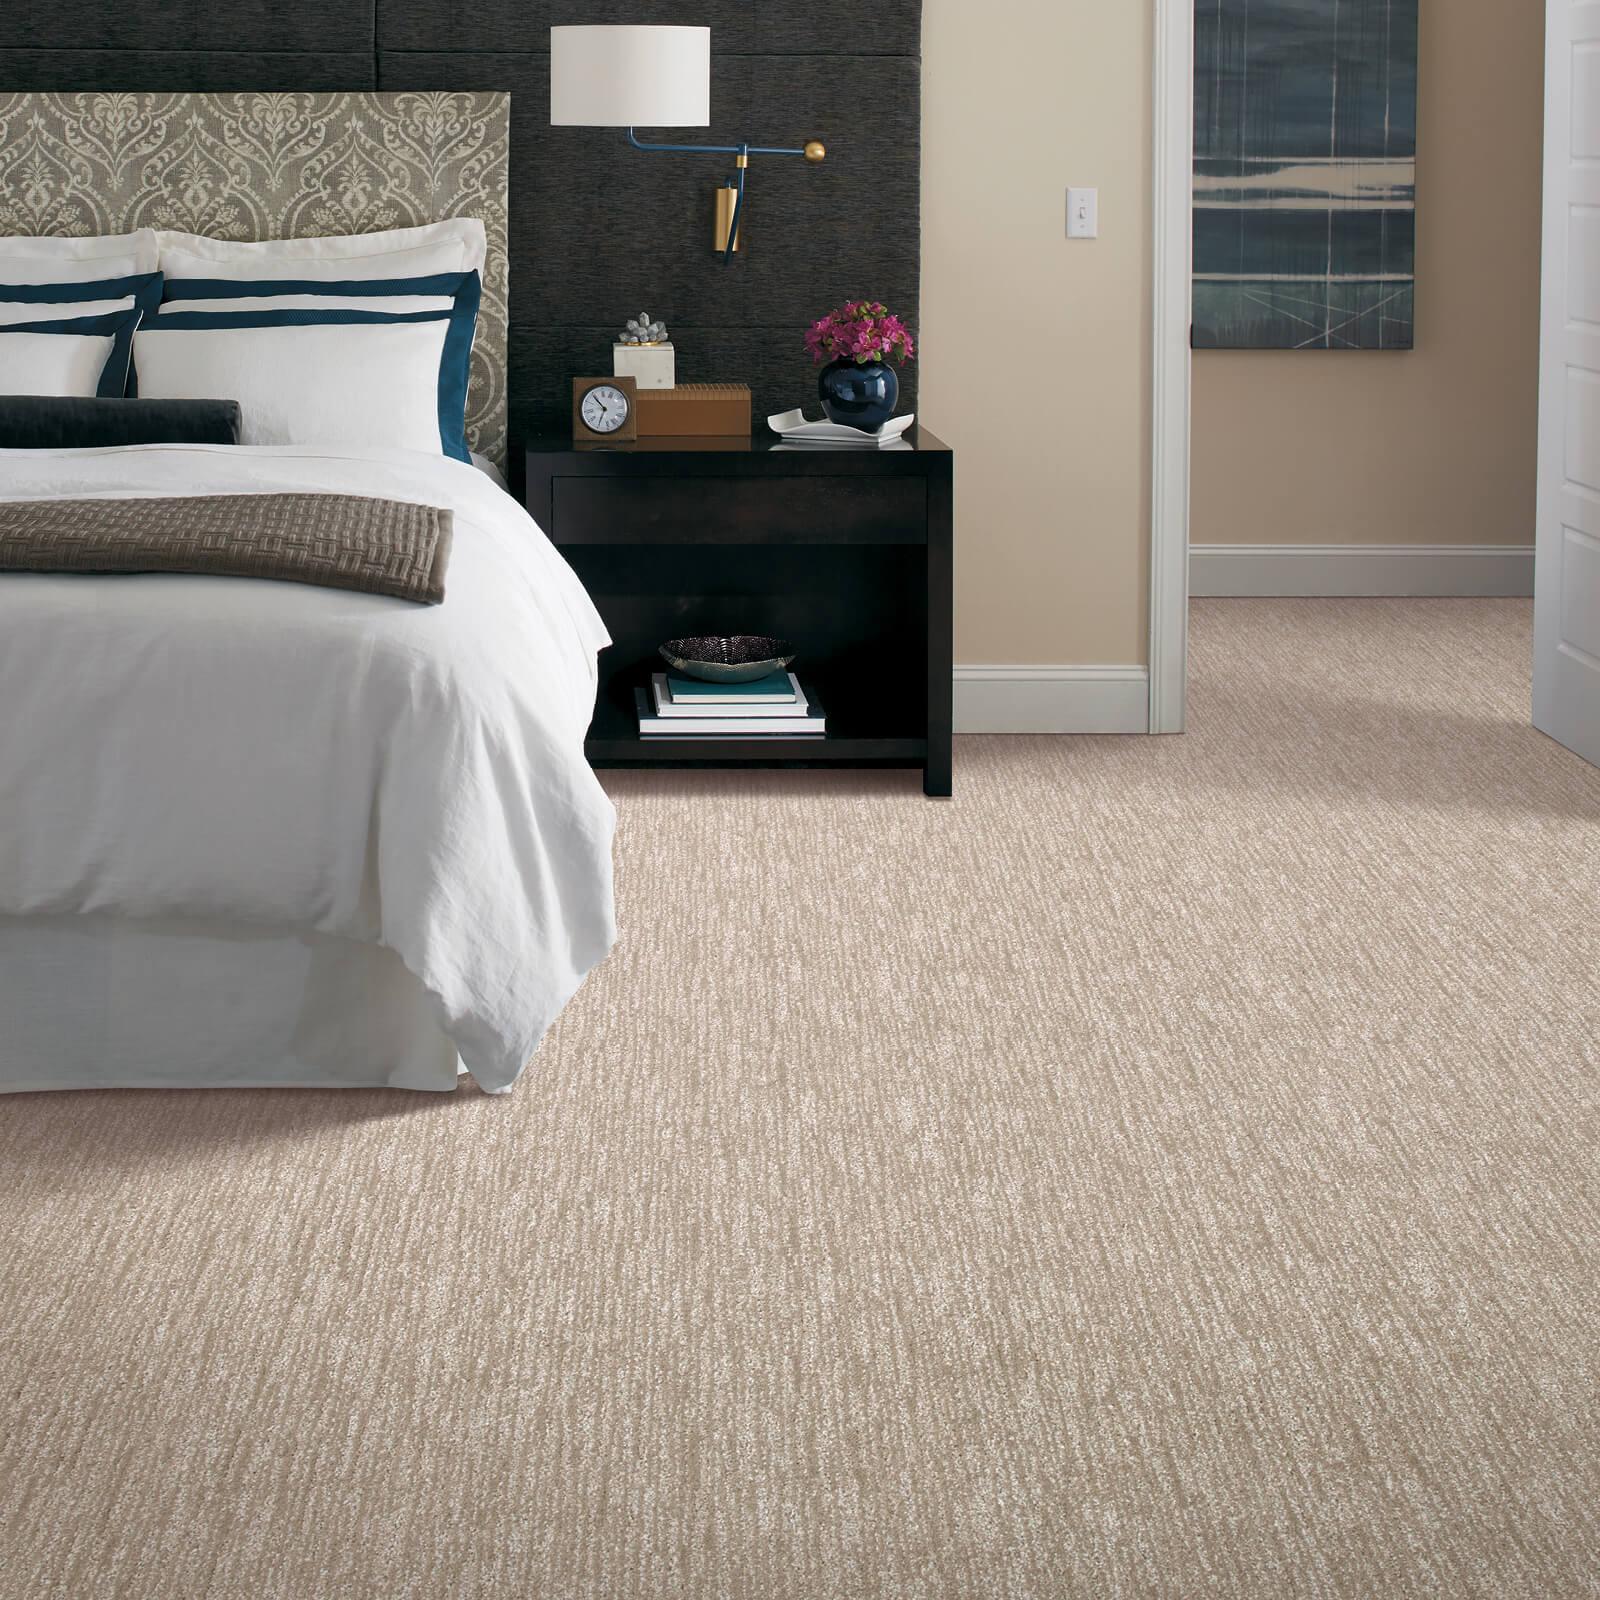 New carpet in bedroom | Boyle's Floor & Window Design